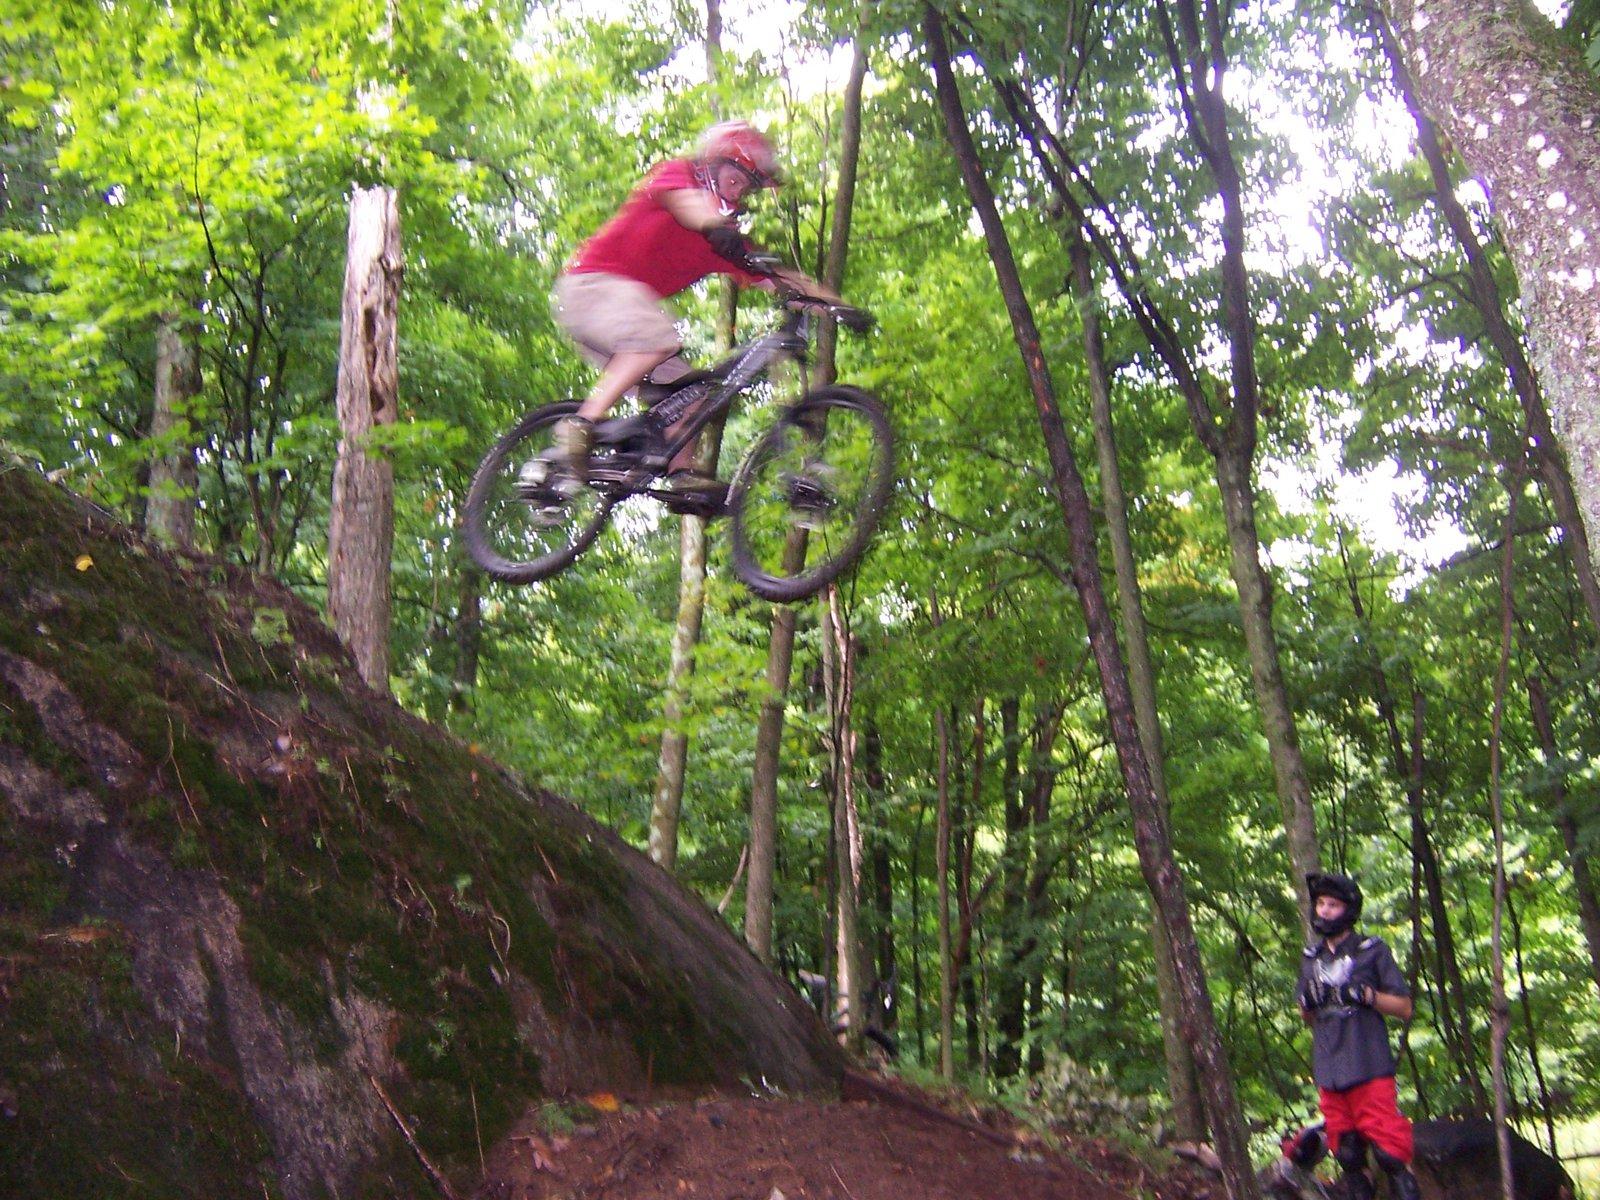 Bike drop